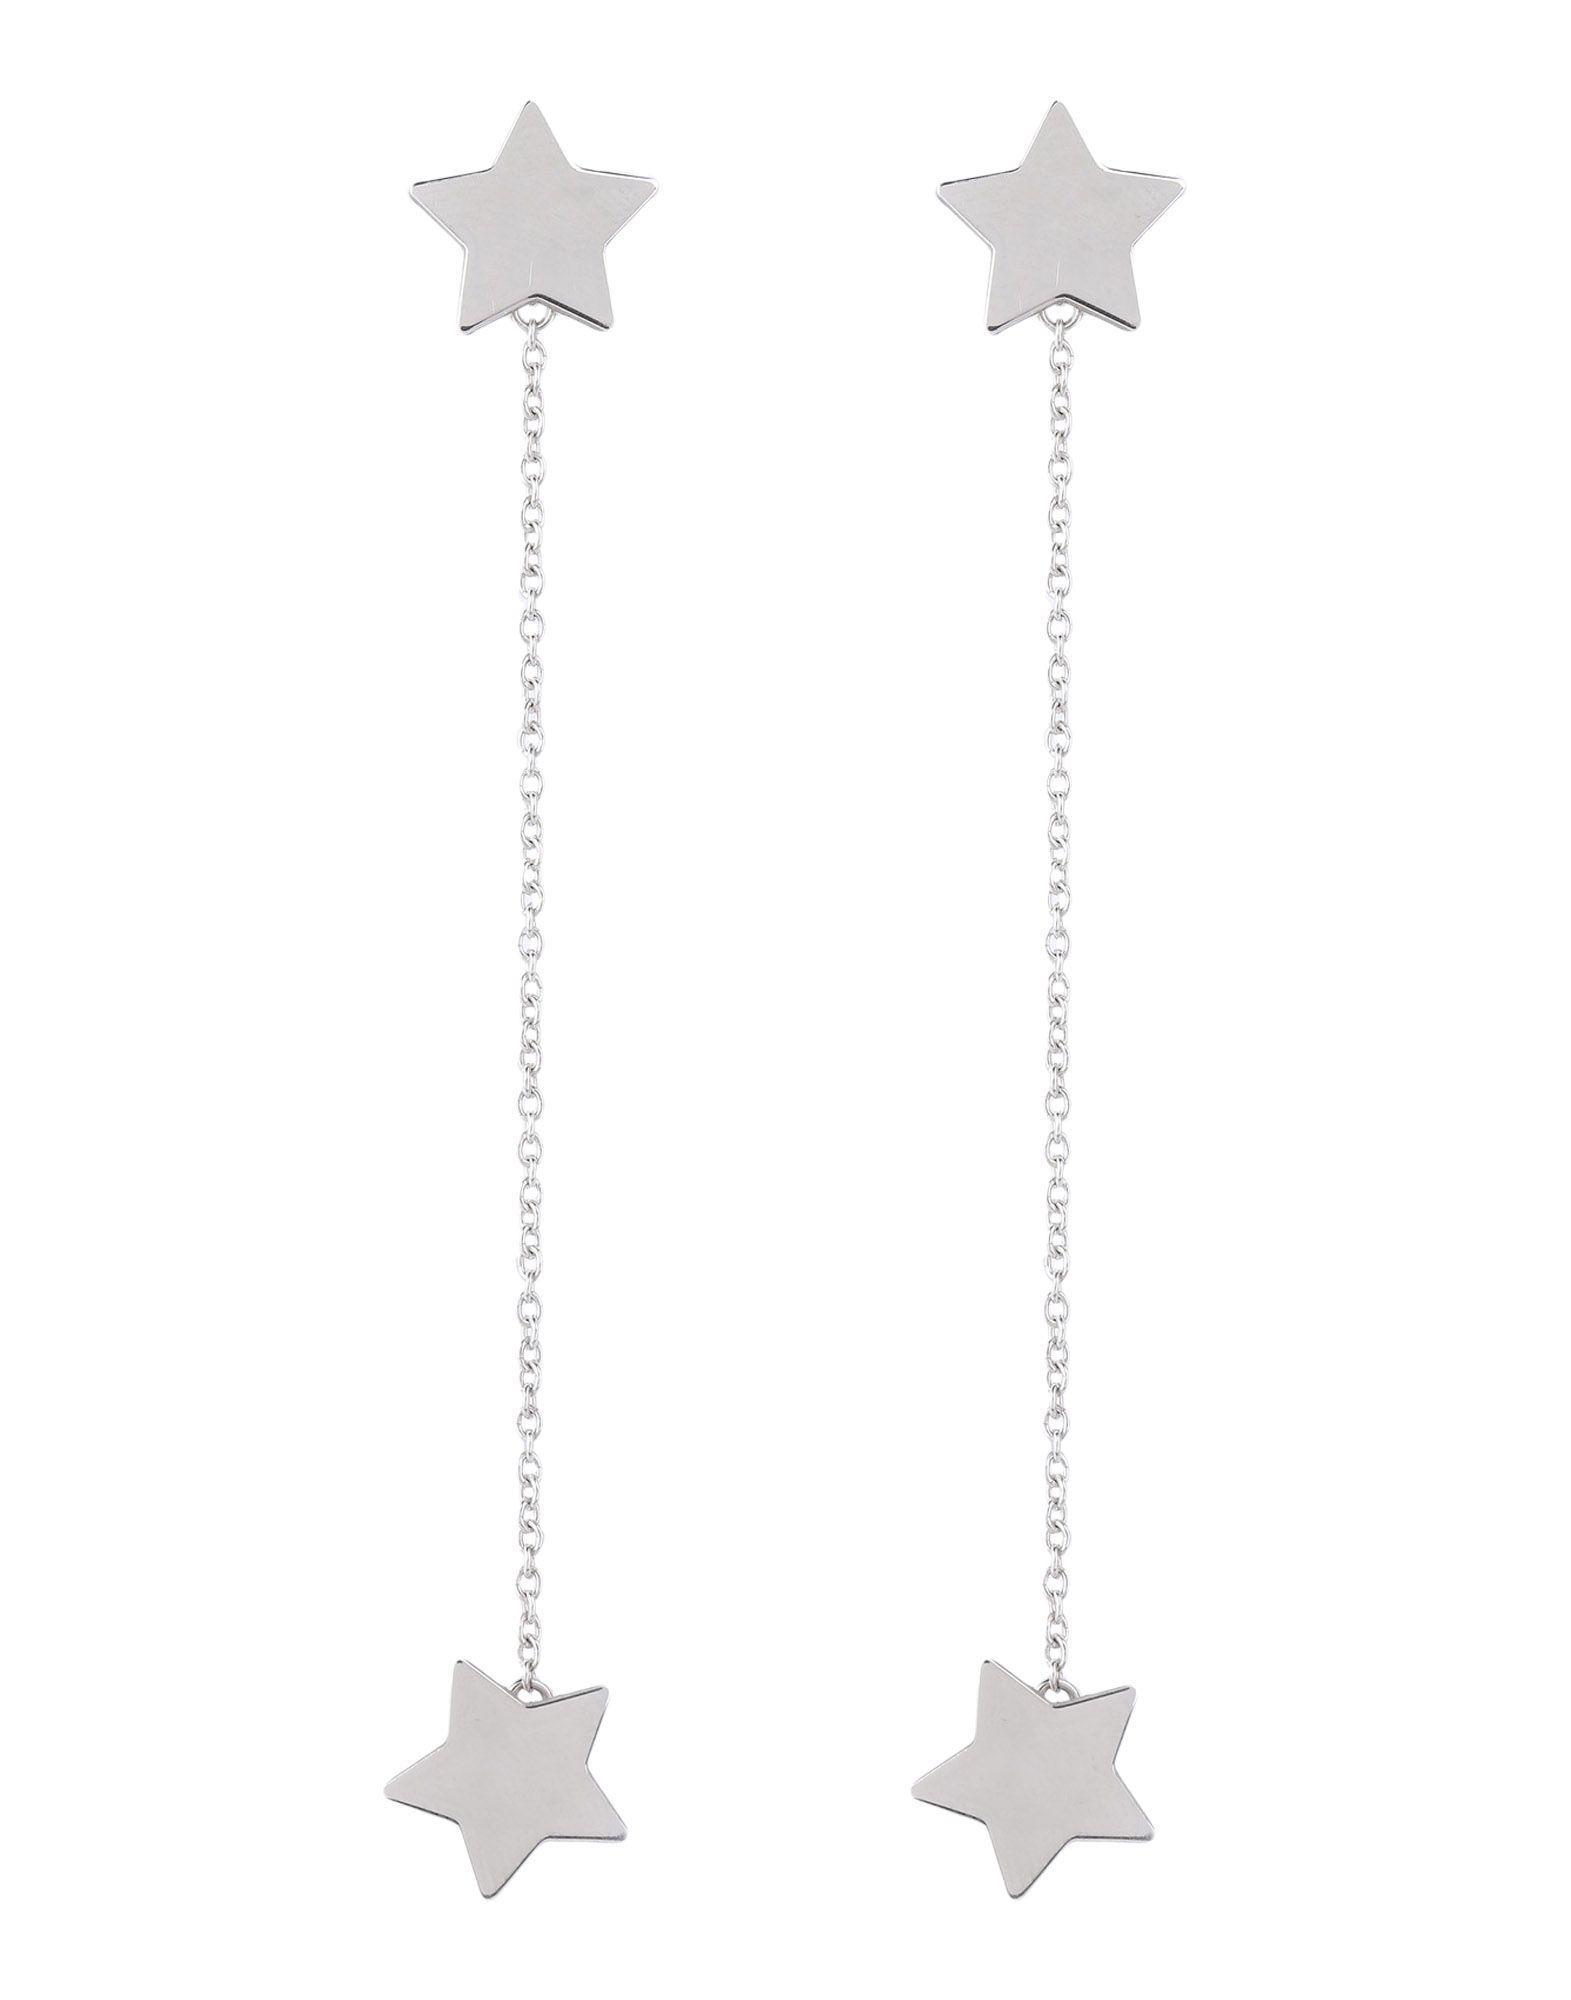 Orecchini First People First Ear Cuff Chain Stars - Donna - Acquista online su